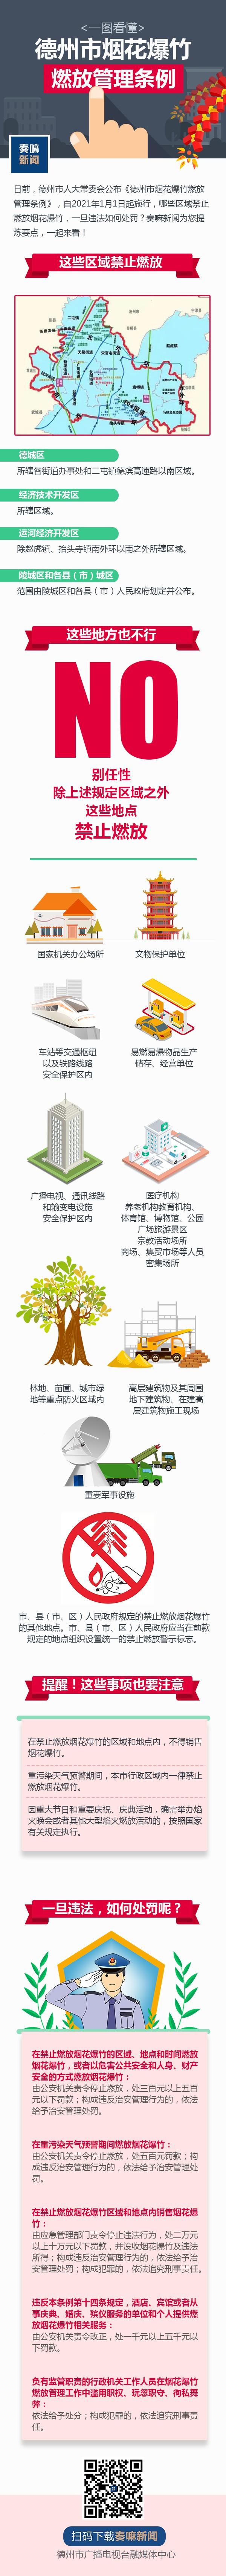 寰俊鍥剧墖_20201209165112